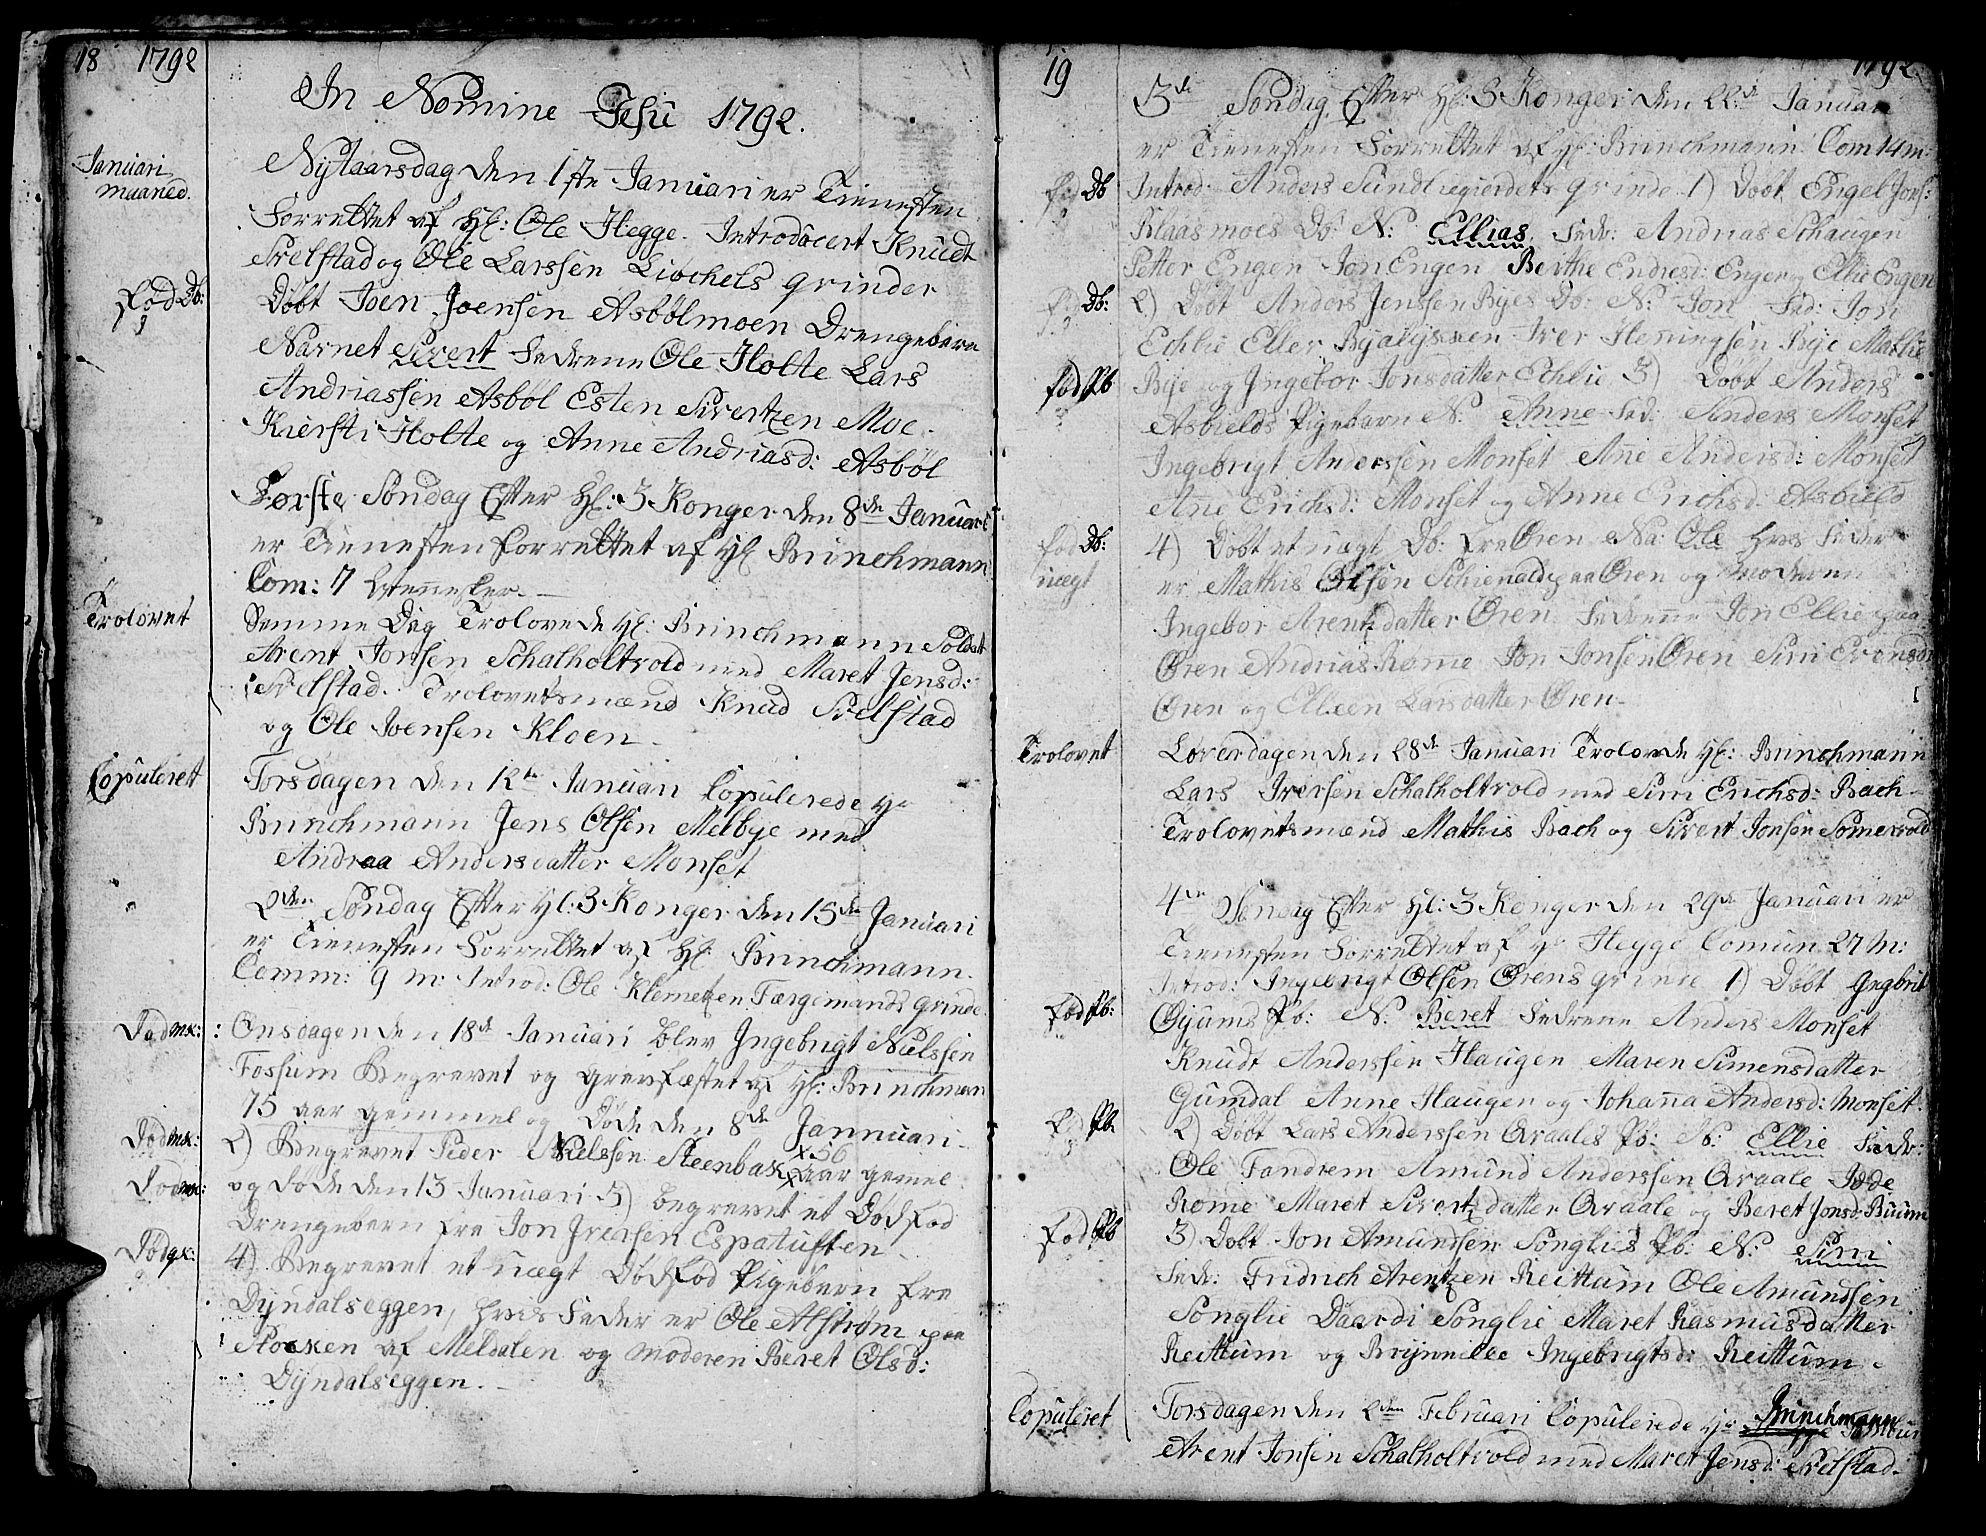 SAT, Ministerialprotokoller, klokkerbøker og fødselsregistre - Sør-Trøndelag, 668/L0815: Klokkerbok nr. 668C04, 1791-1815, s. 18-19